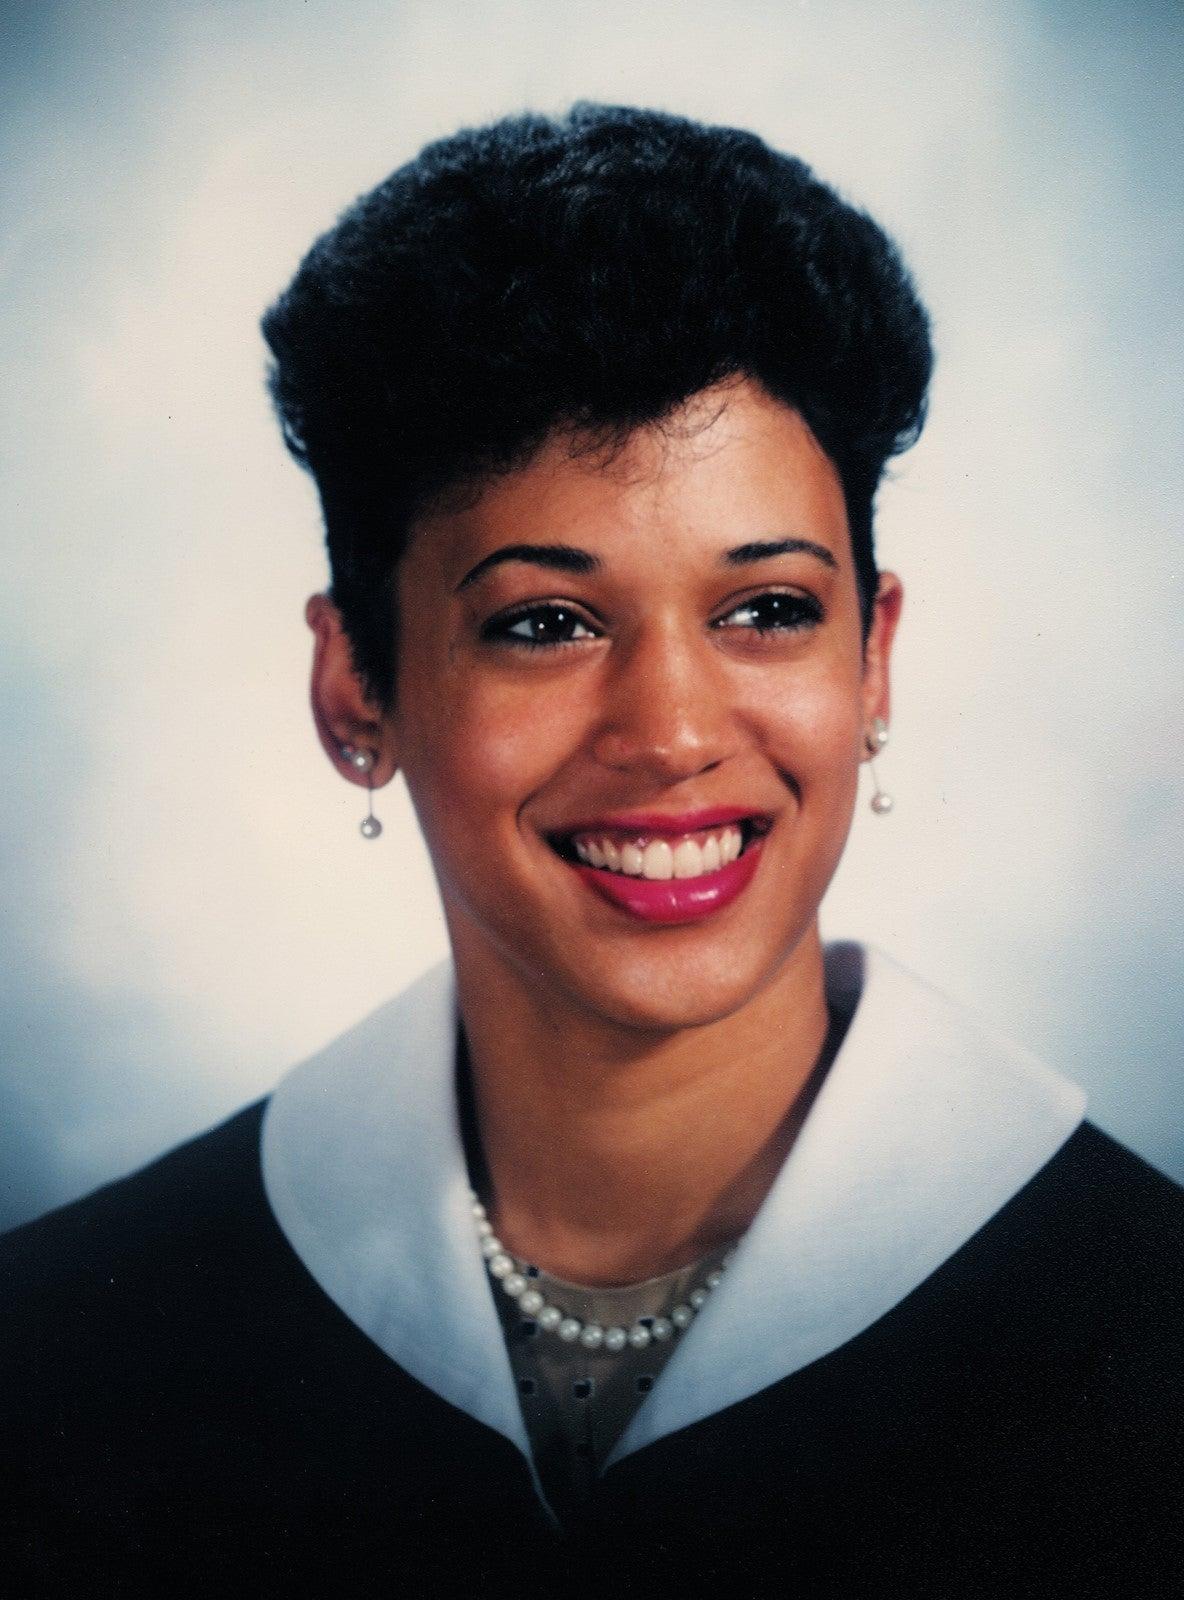 Kamala Harris graduation photo from Howard University